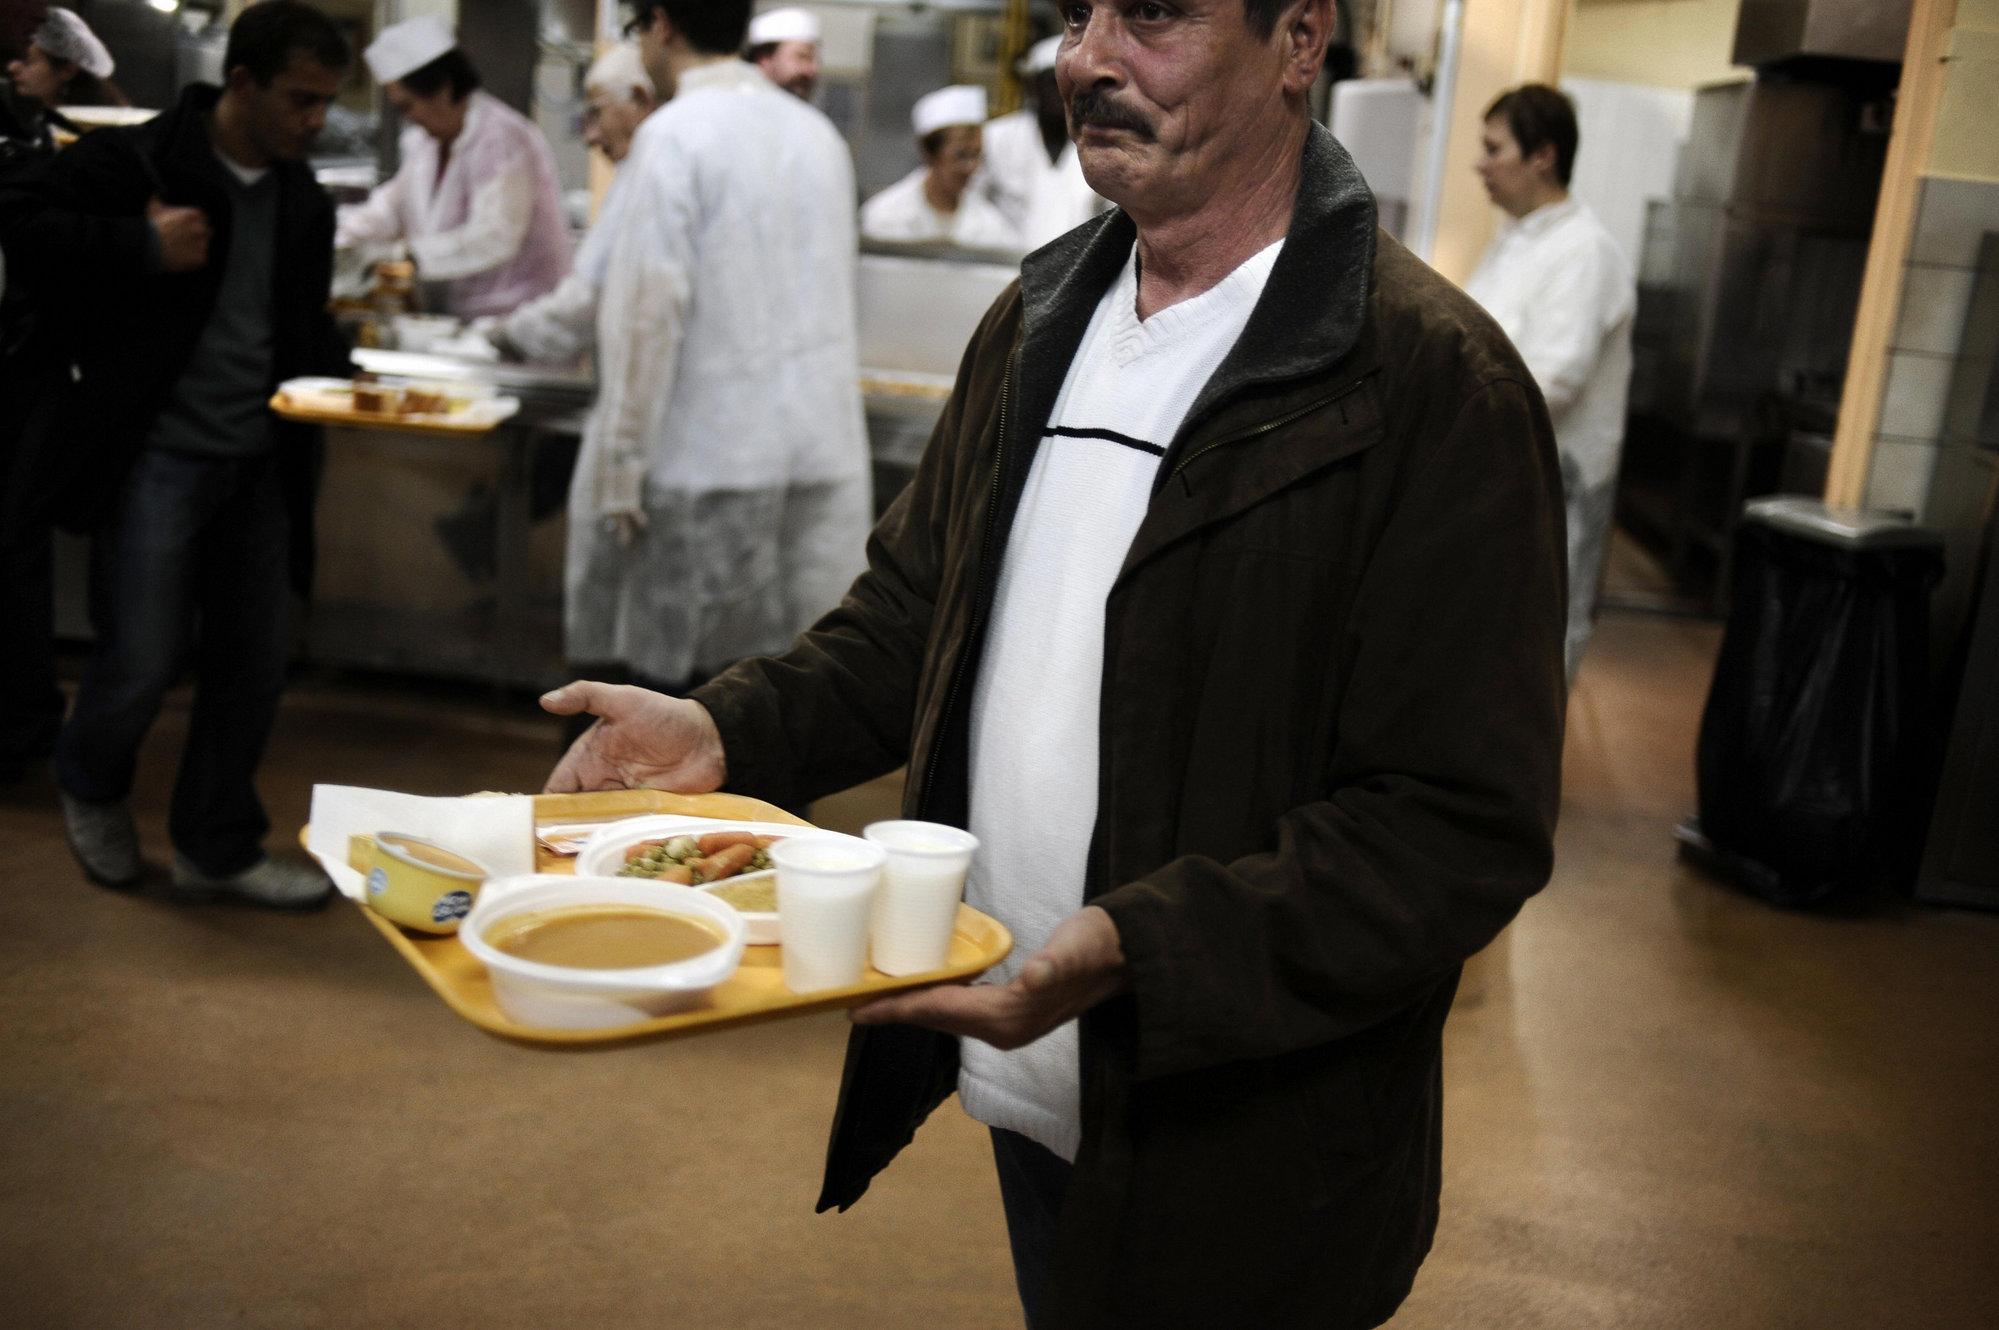 La demanda en comedores sociales crece un 225% y ya hay lista de espera